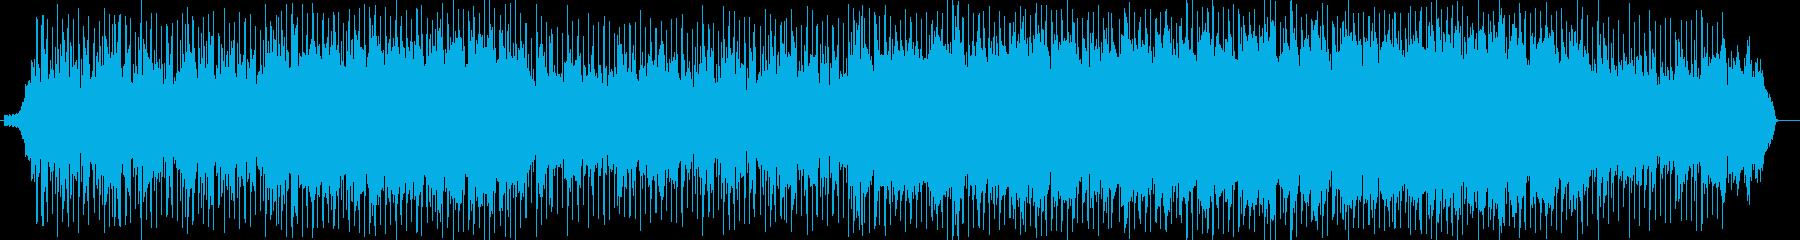 シンセで宇宙を感じる四つ打ちポップスの再生済みの波形